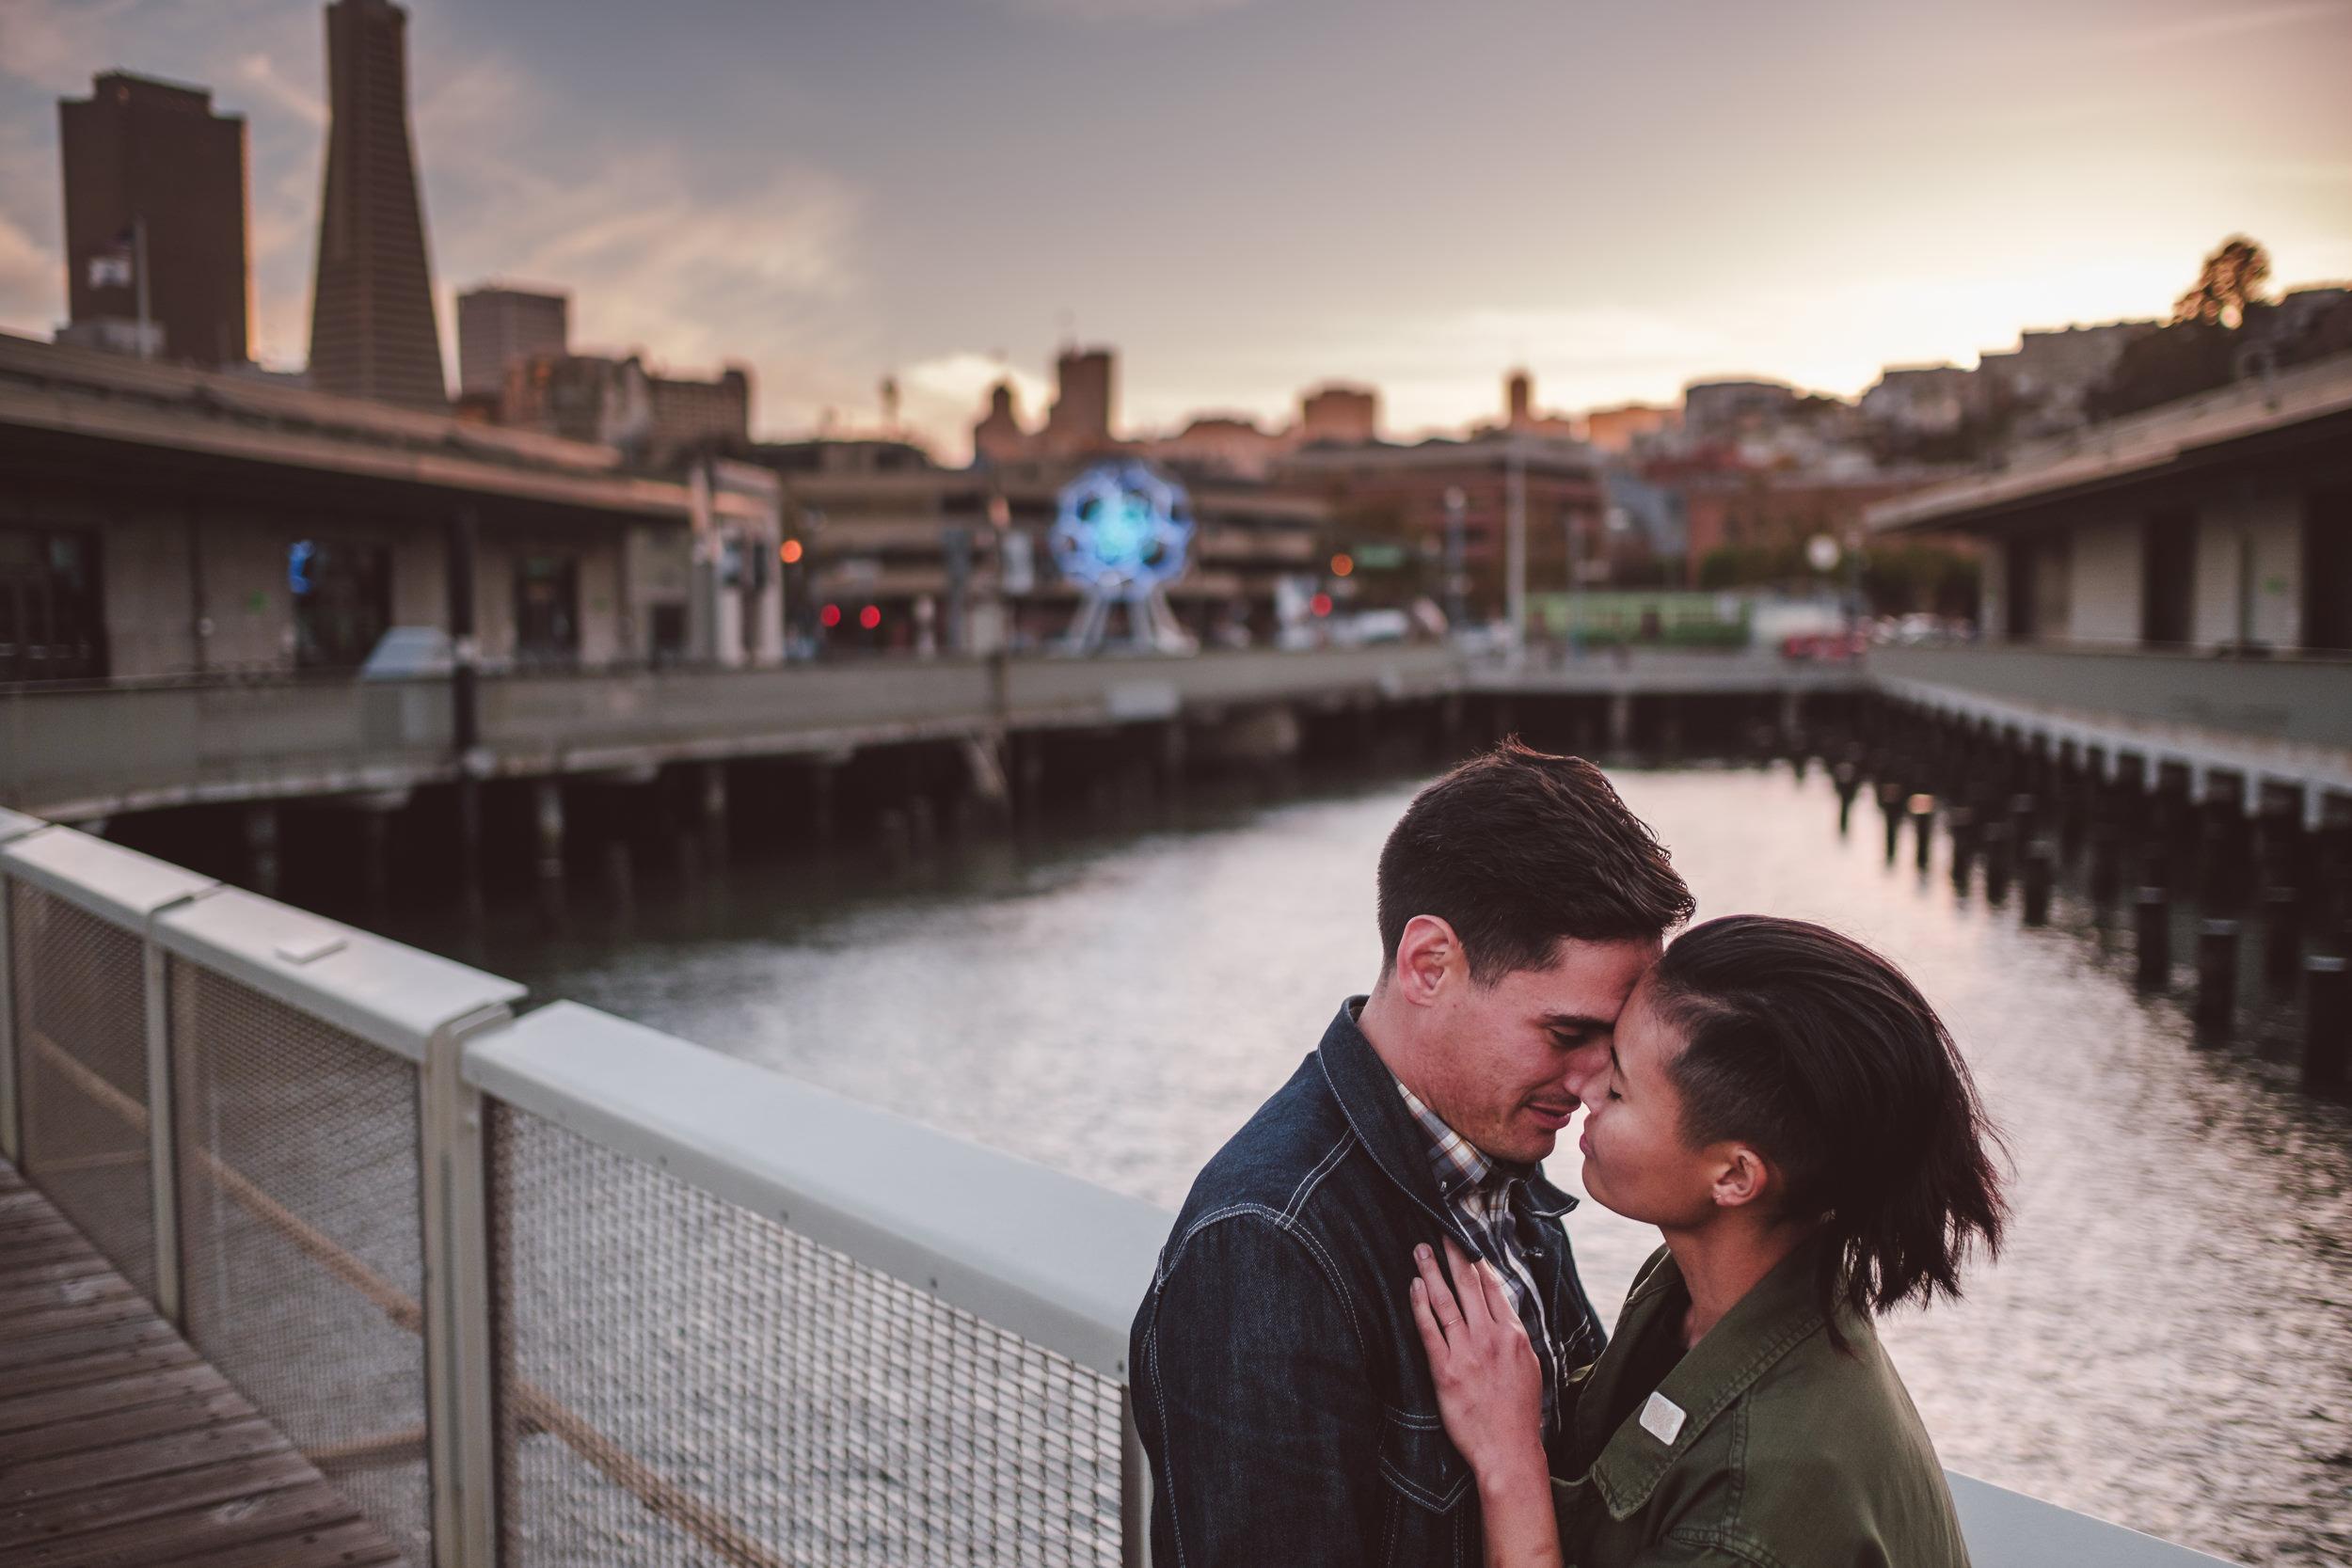 San-Francisco-Embarcadero-Engagement-Photos-014.jpg